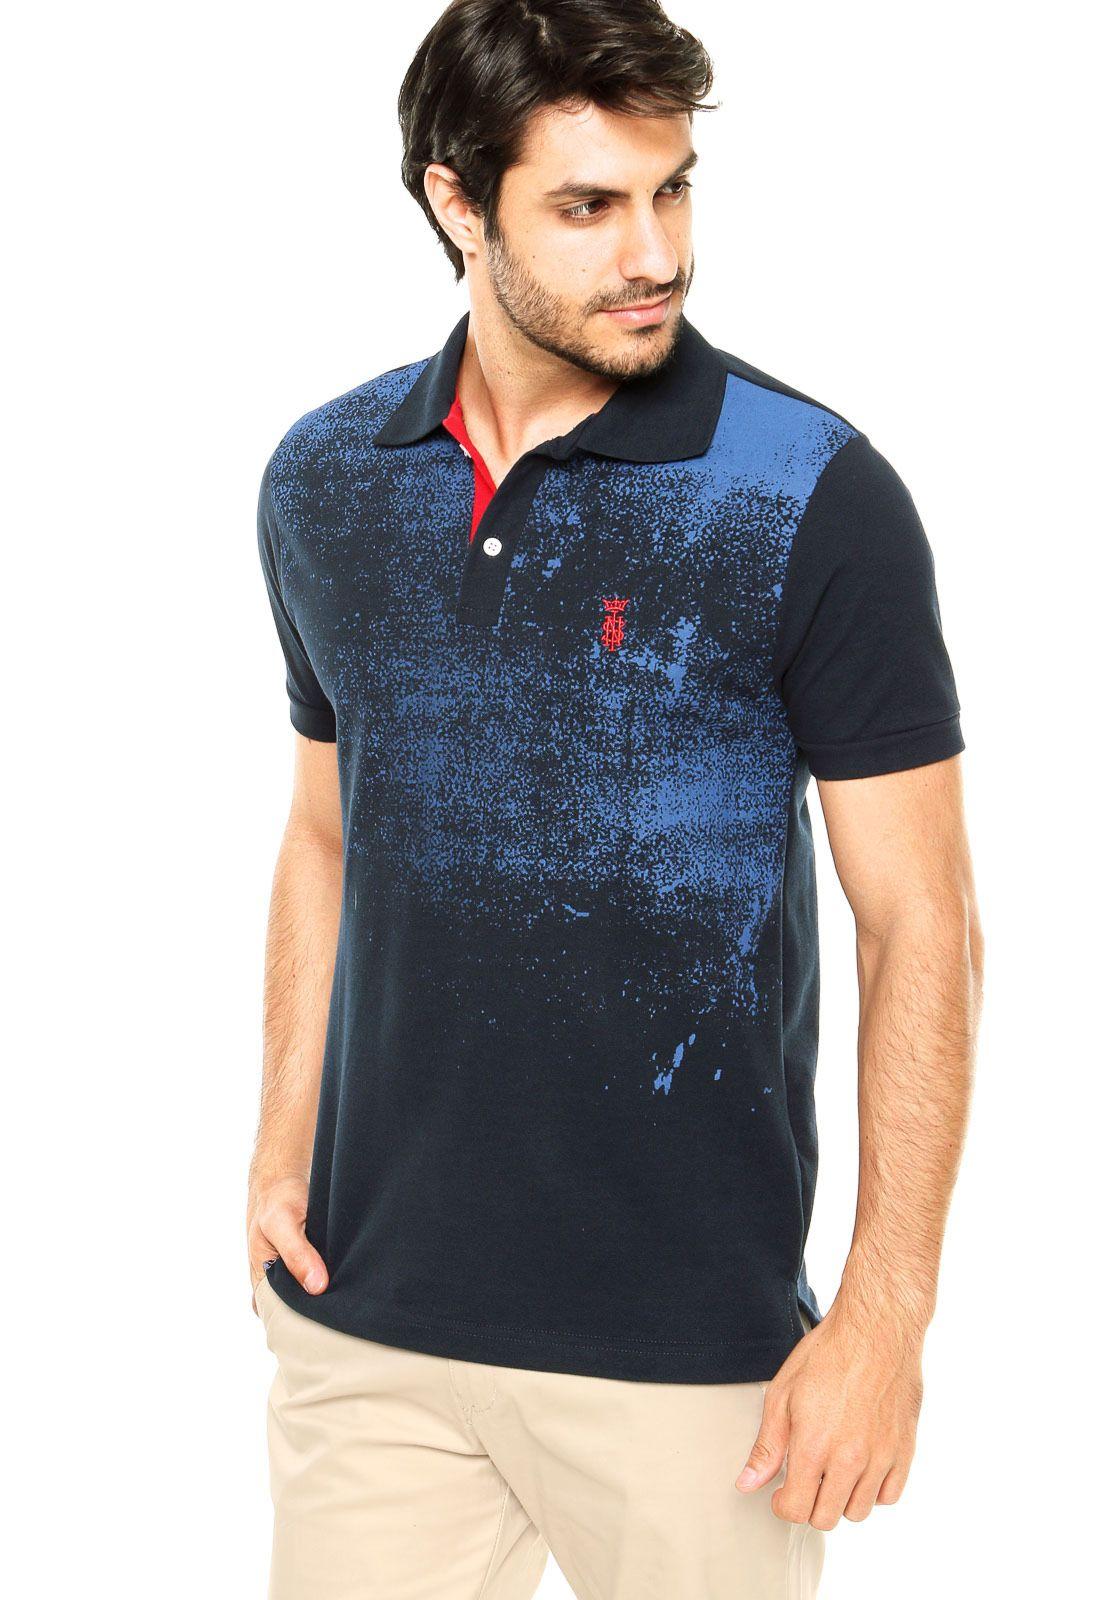 Camisa Polo SNK Estampada Azul - Marca STN e3f483d64c2